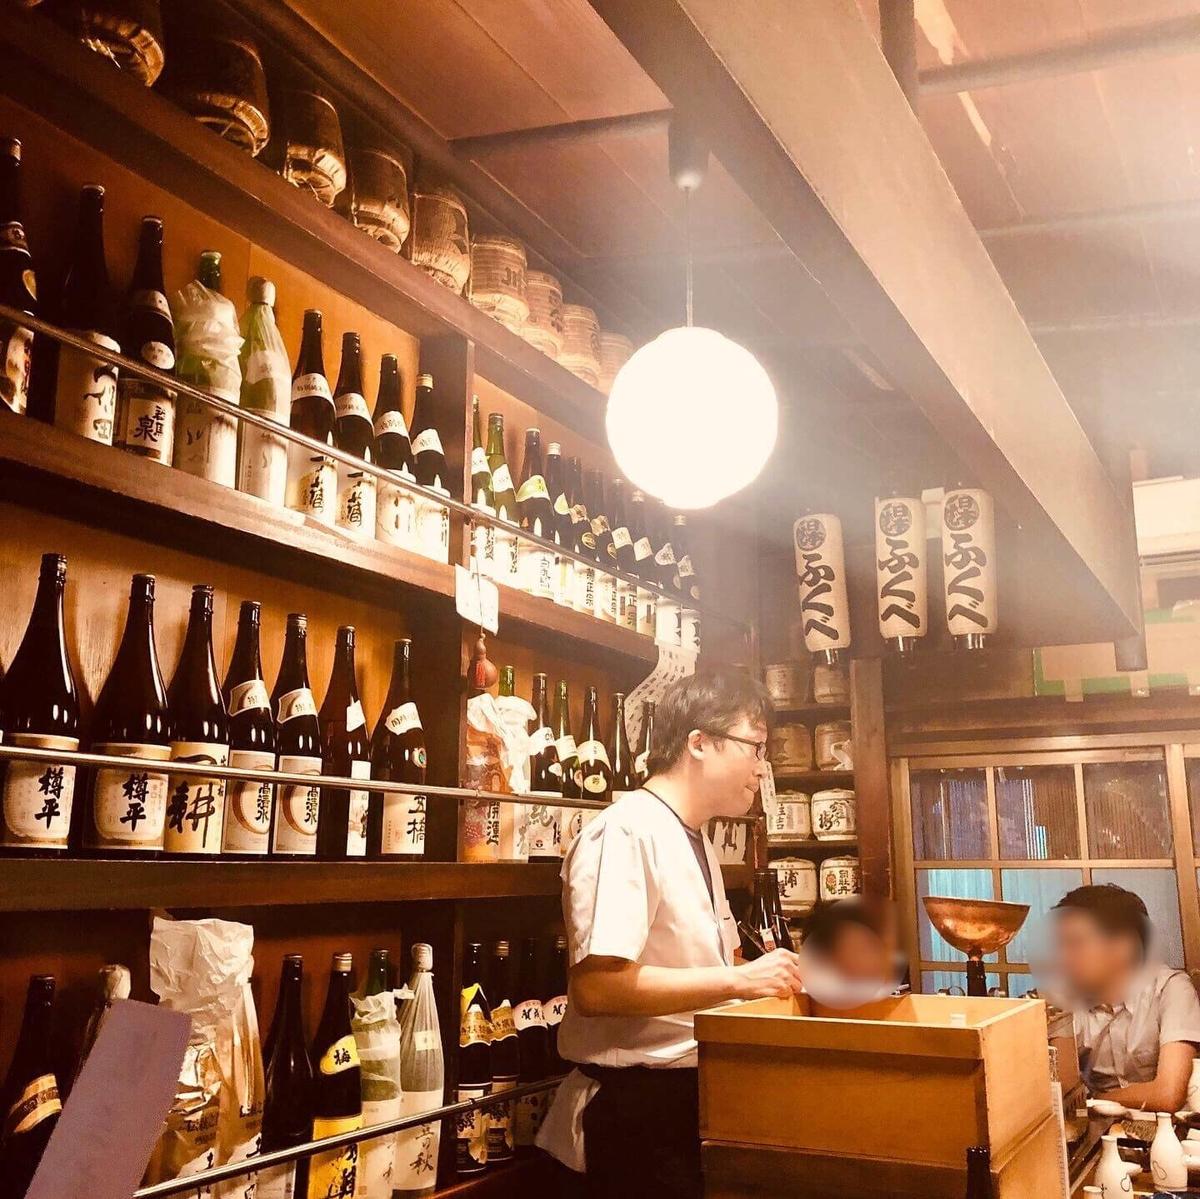 東京・八重洲にある飴色酒場「ふくべ」の店内